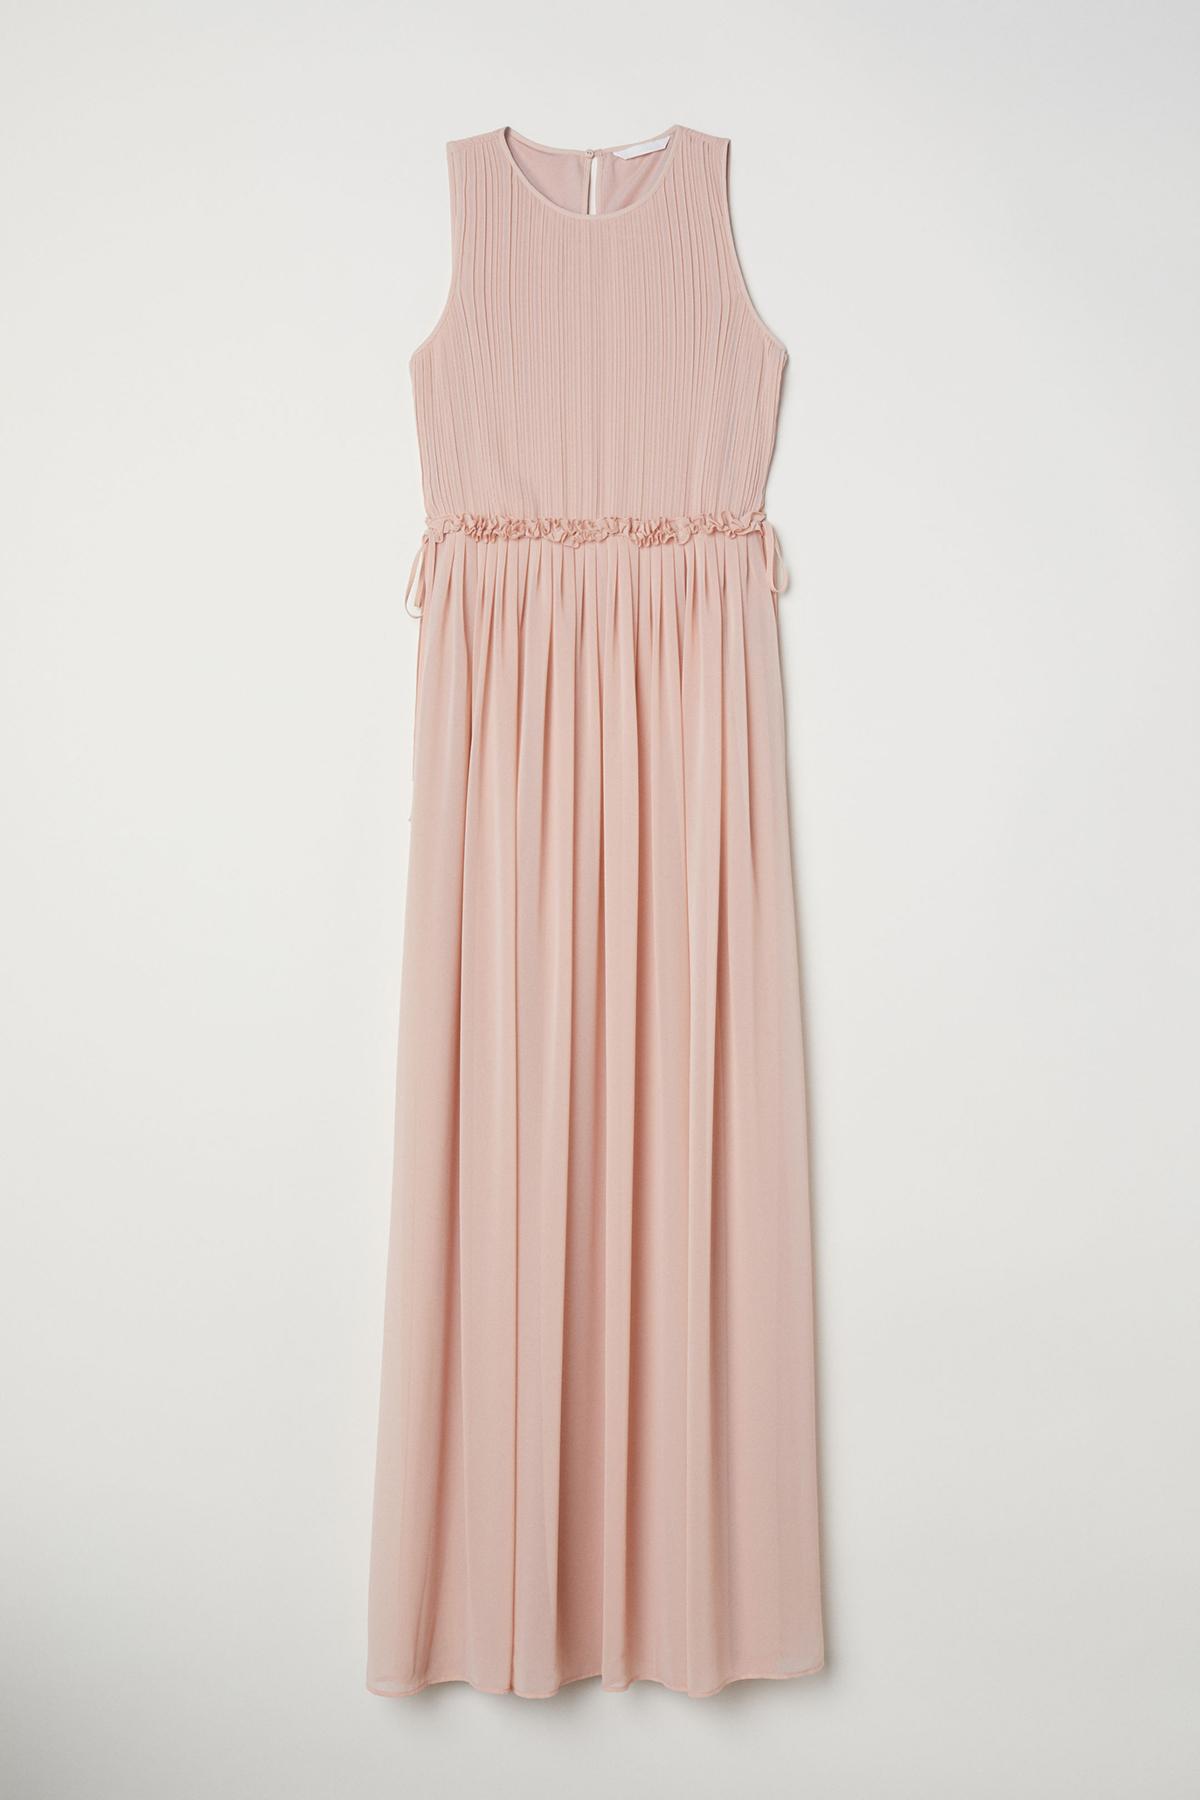 Rebajas verano 2018: vestidos de oferta que puedes comprar ya - InStyle